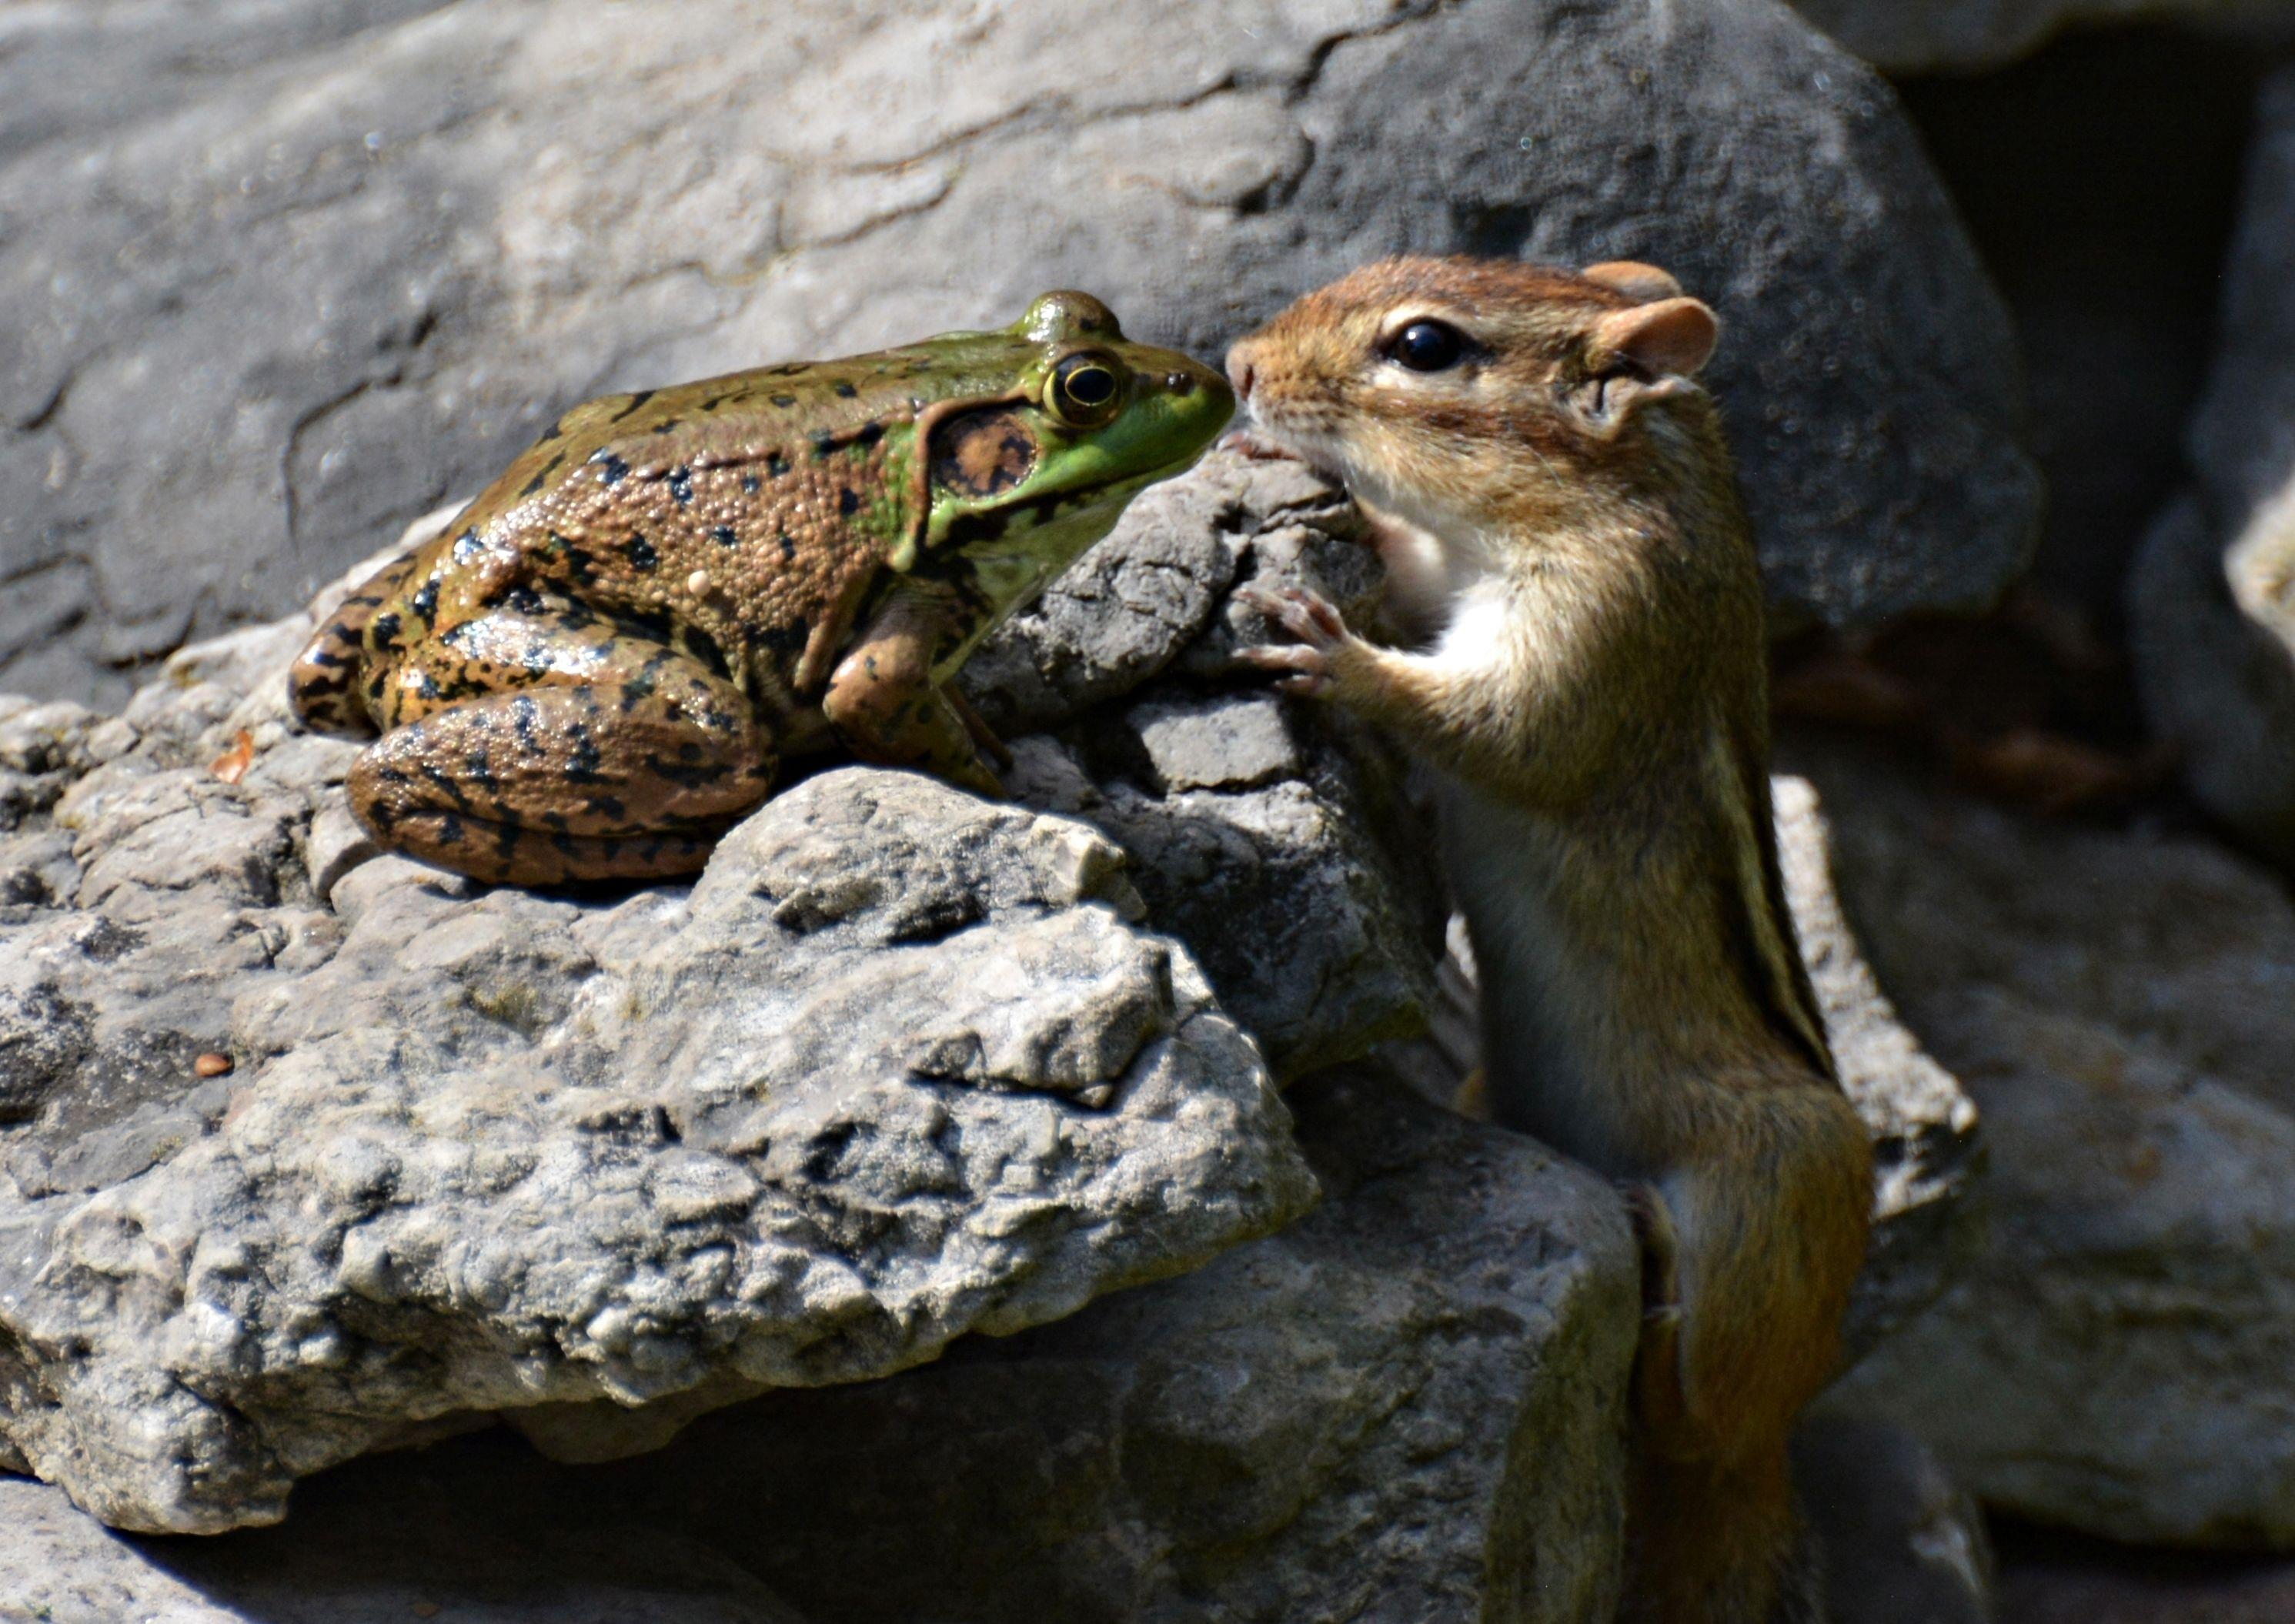 偶然の一枚が集結!ニヤニヤ笑える「野生動物写真アワード」。